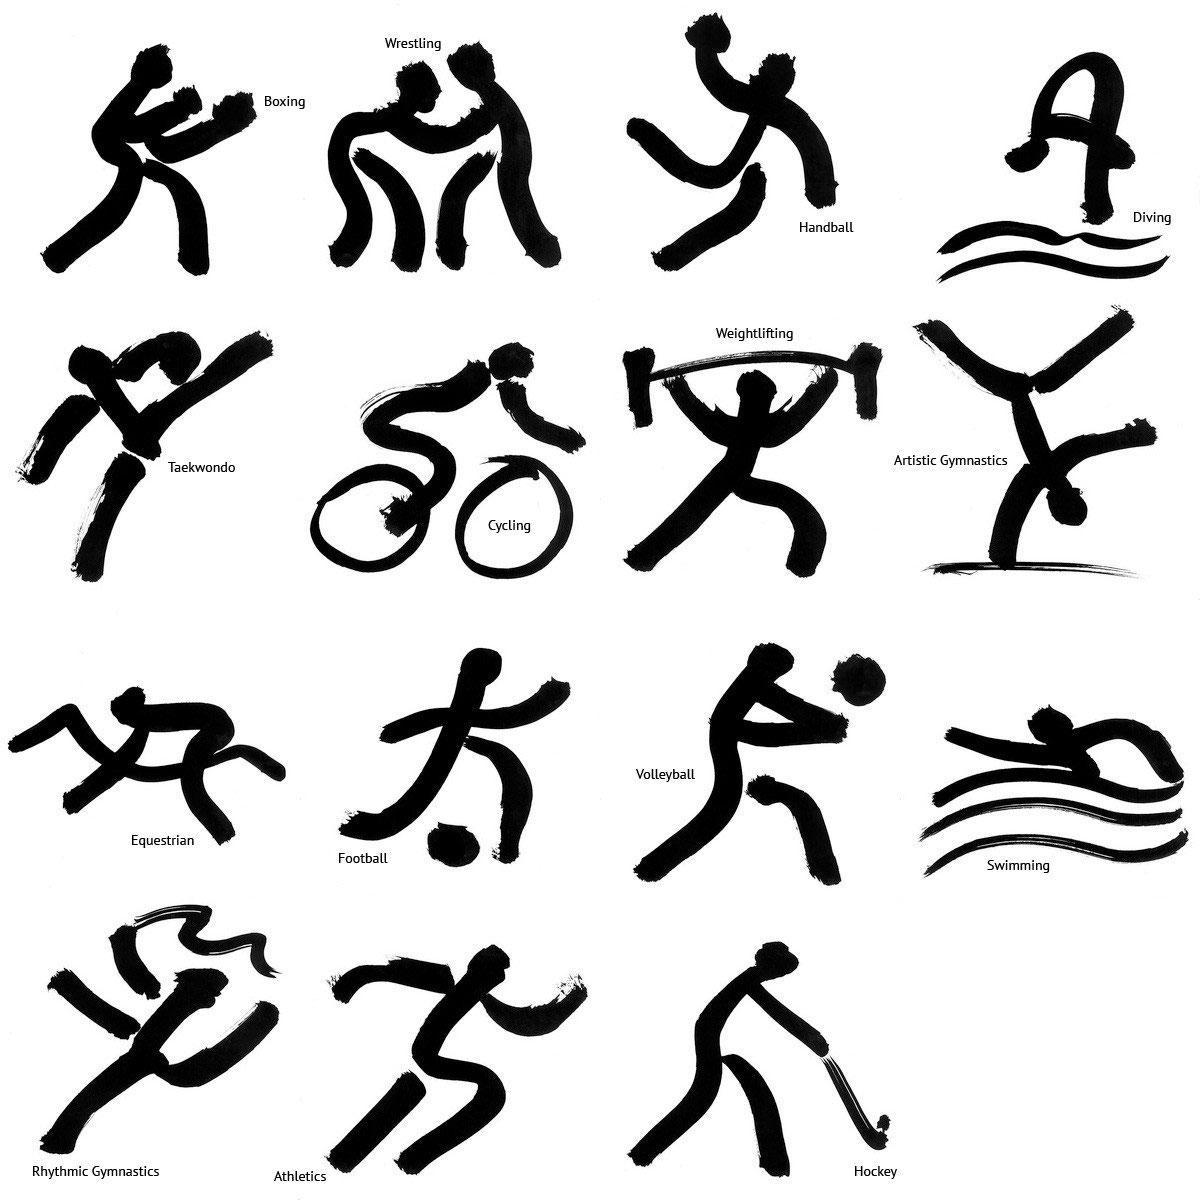 Картинки пиктограммы видов спорта